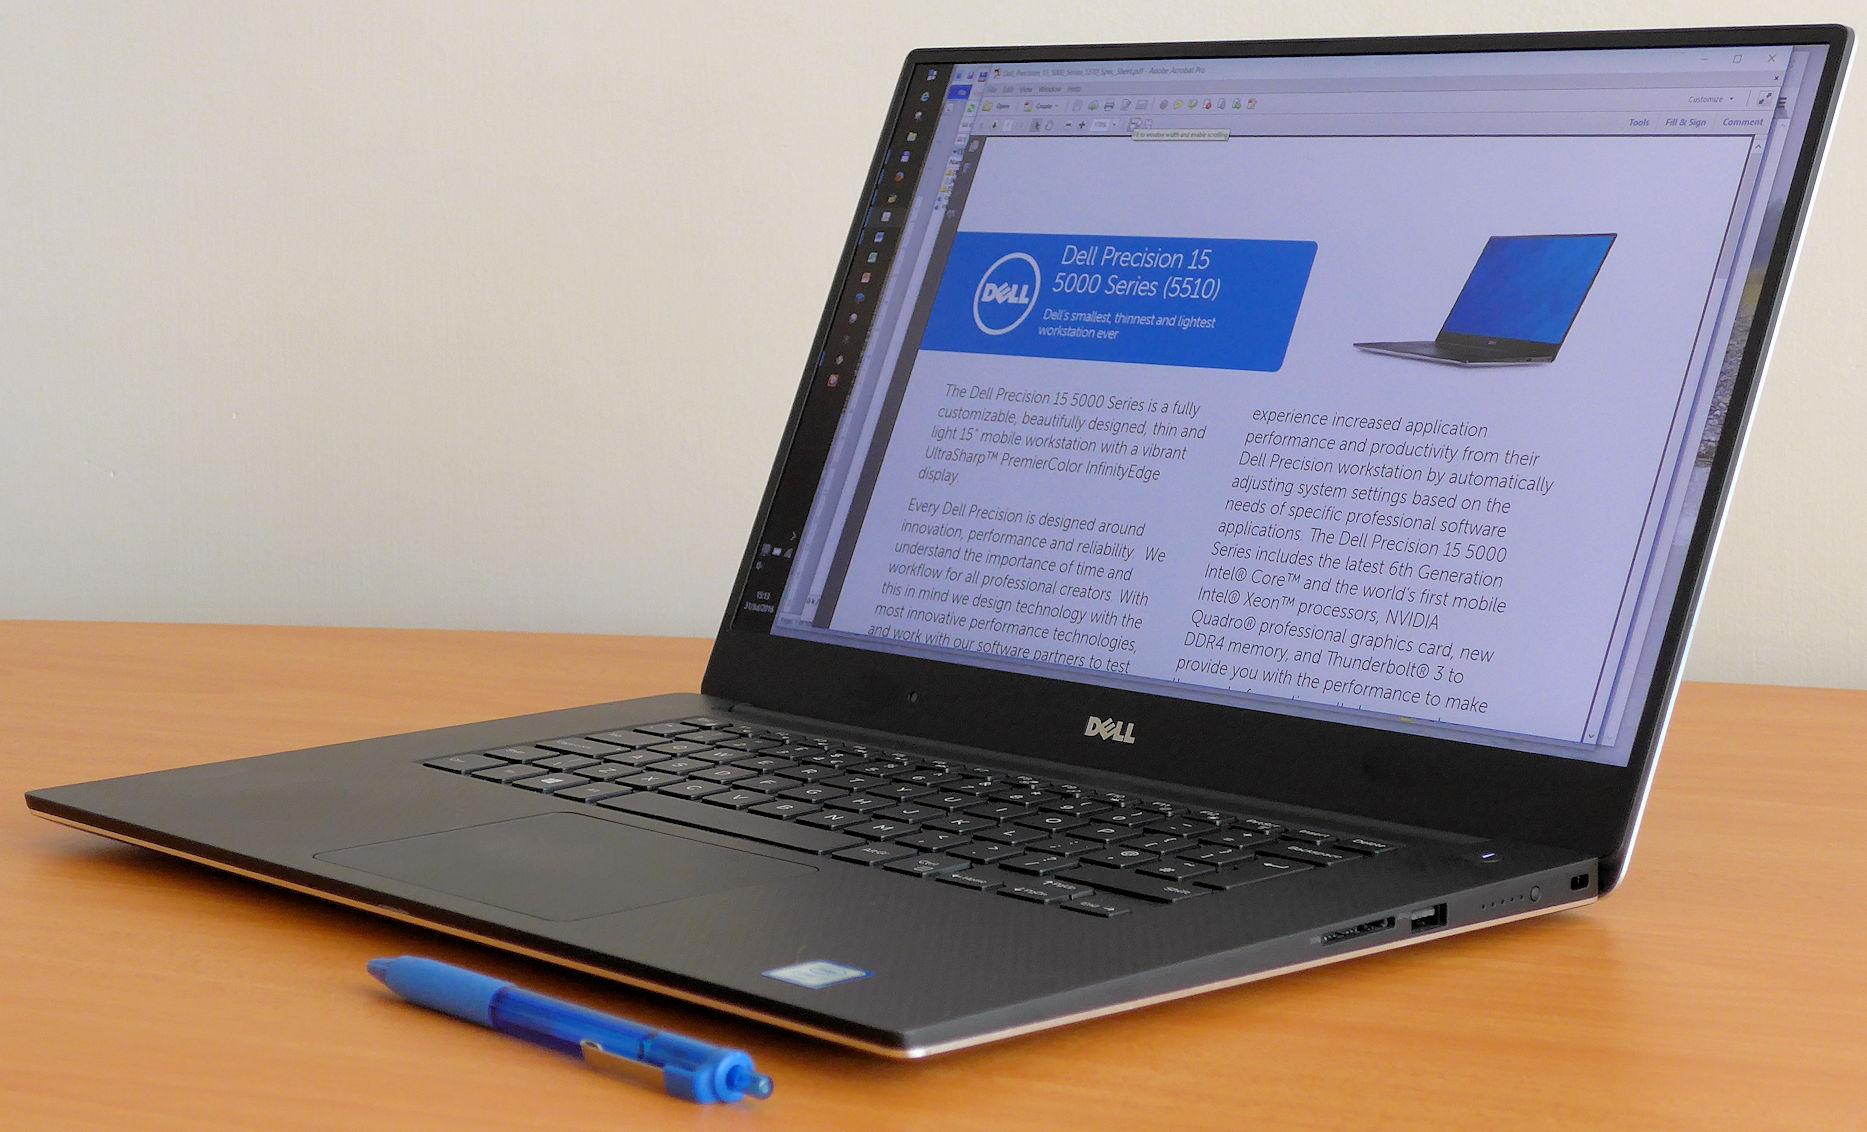 Dell Precision M5510 ghi điểm tuyệt đối cả về thiết kế và cấu hình